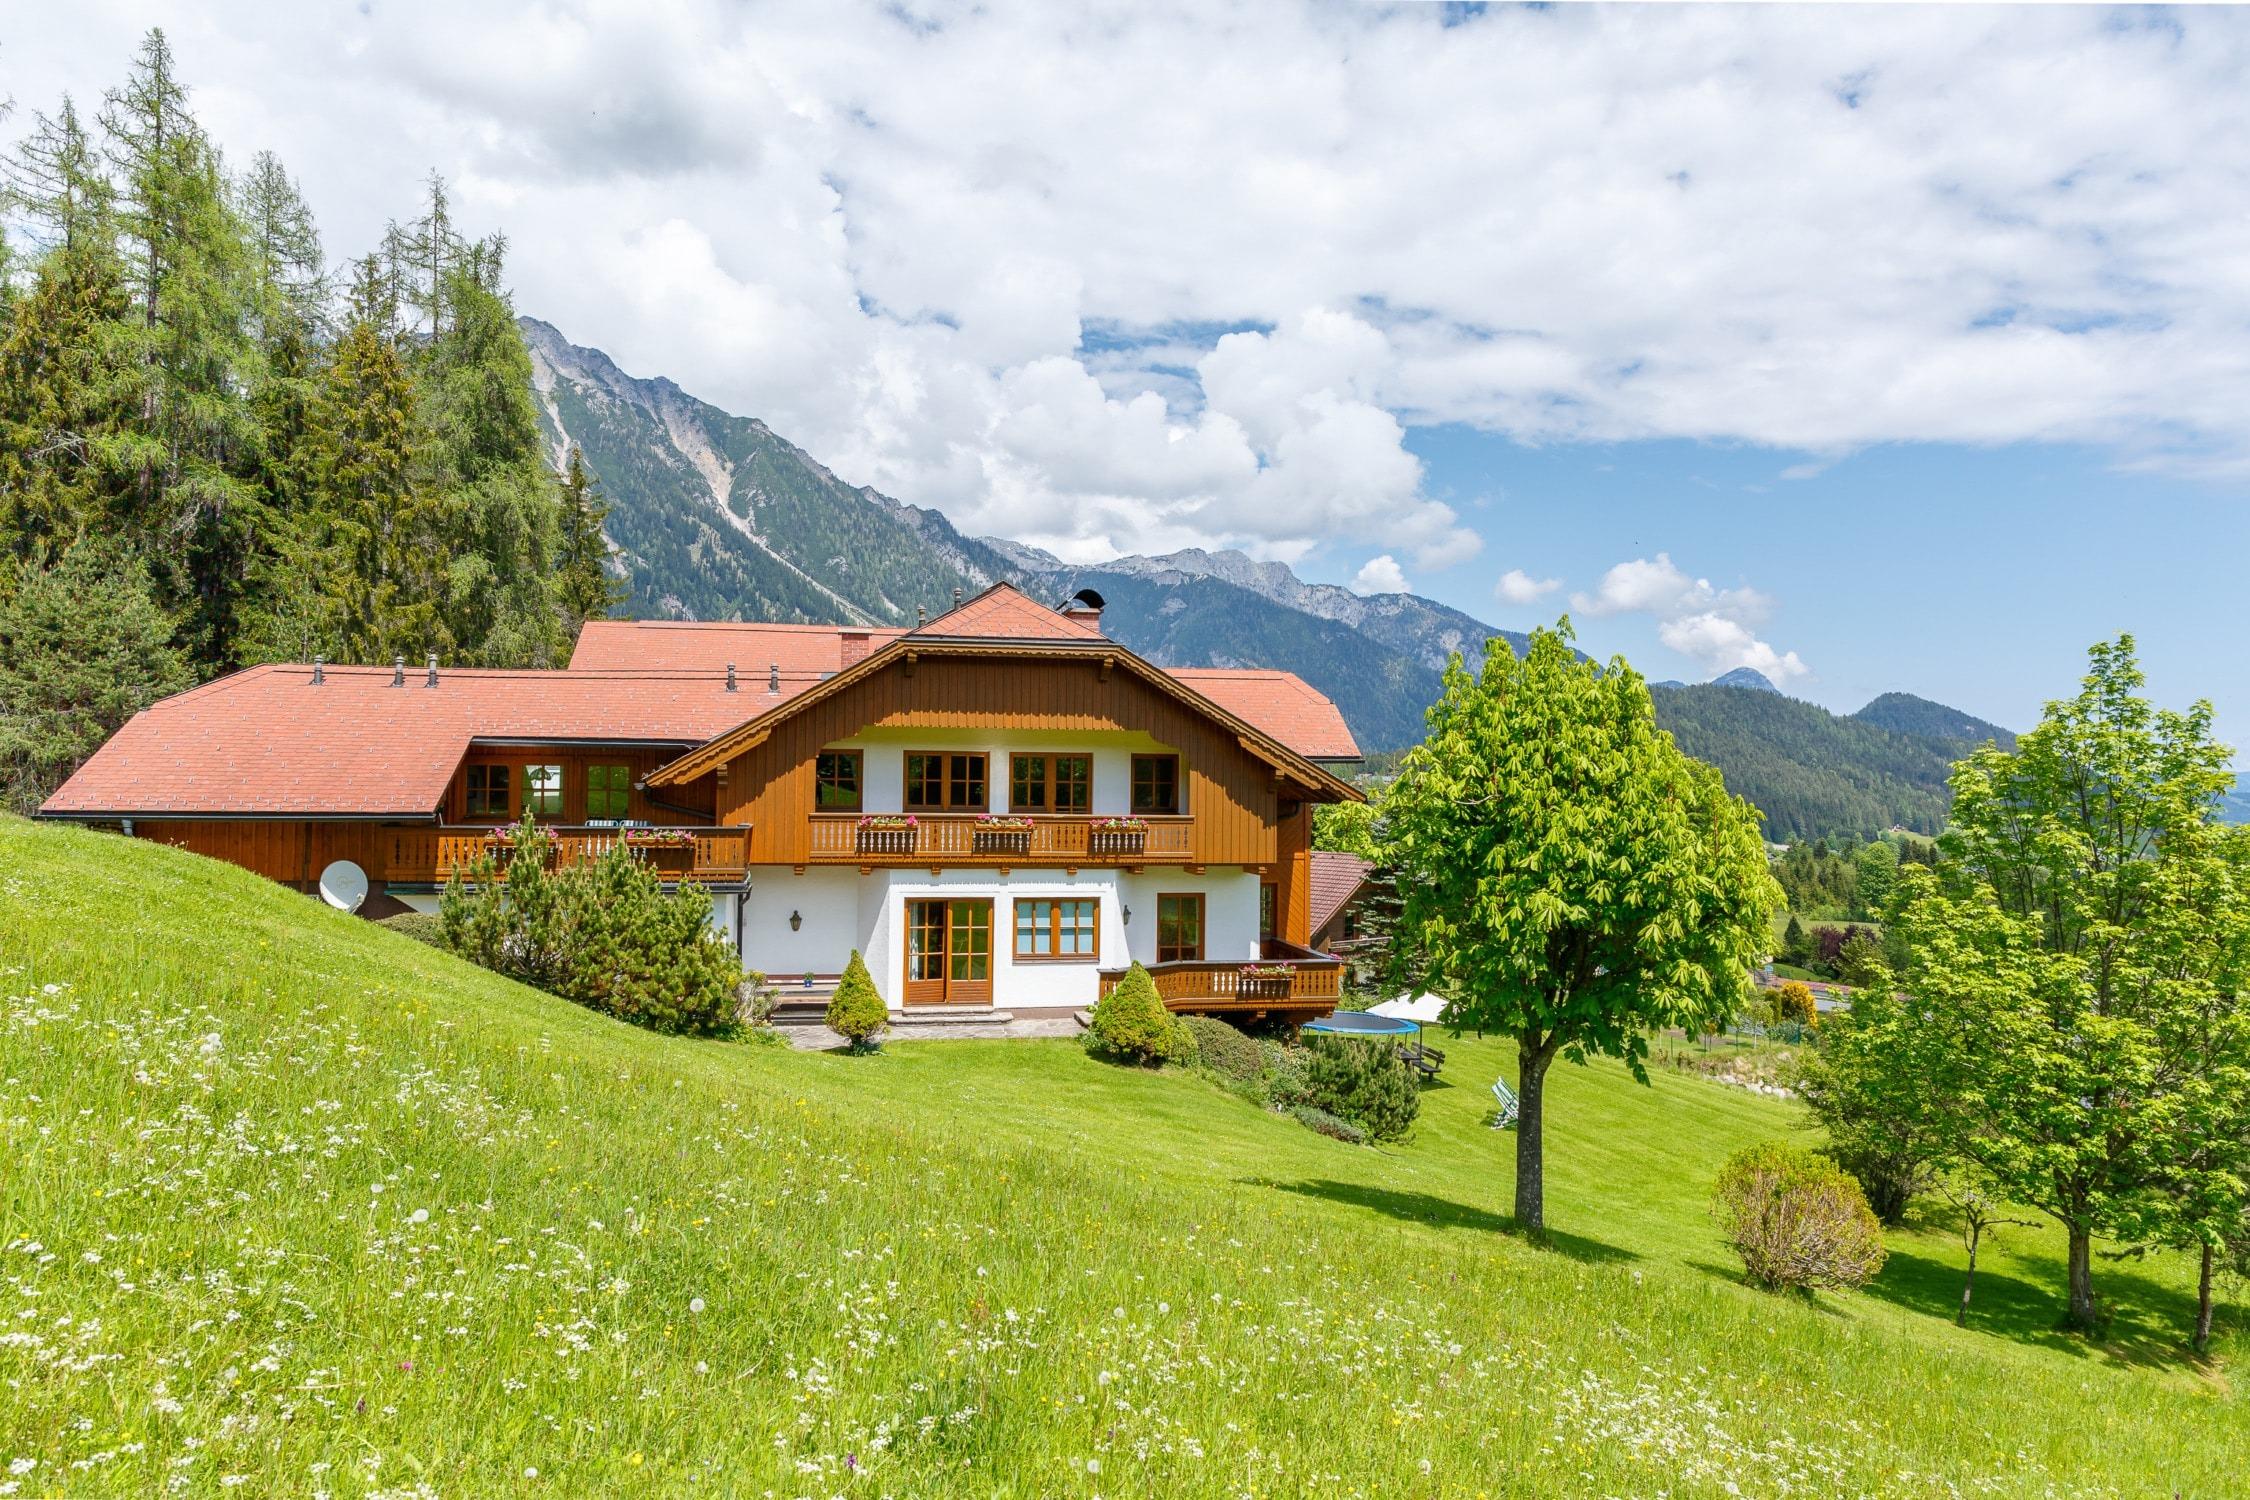 Landhaus Birgbichler - herrlich freie Hanglage